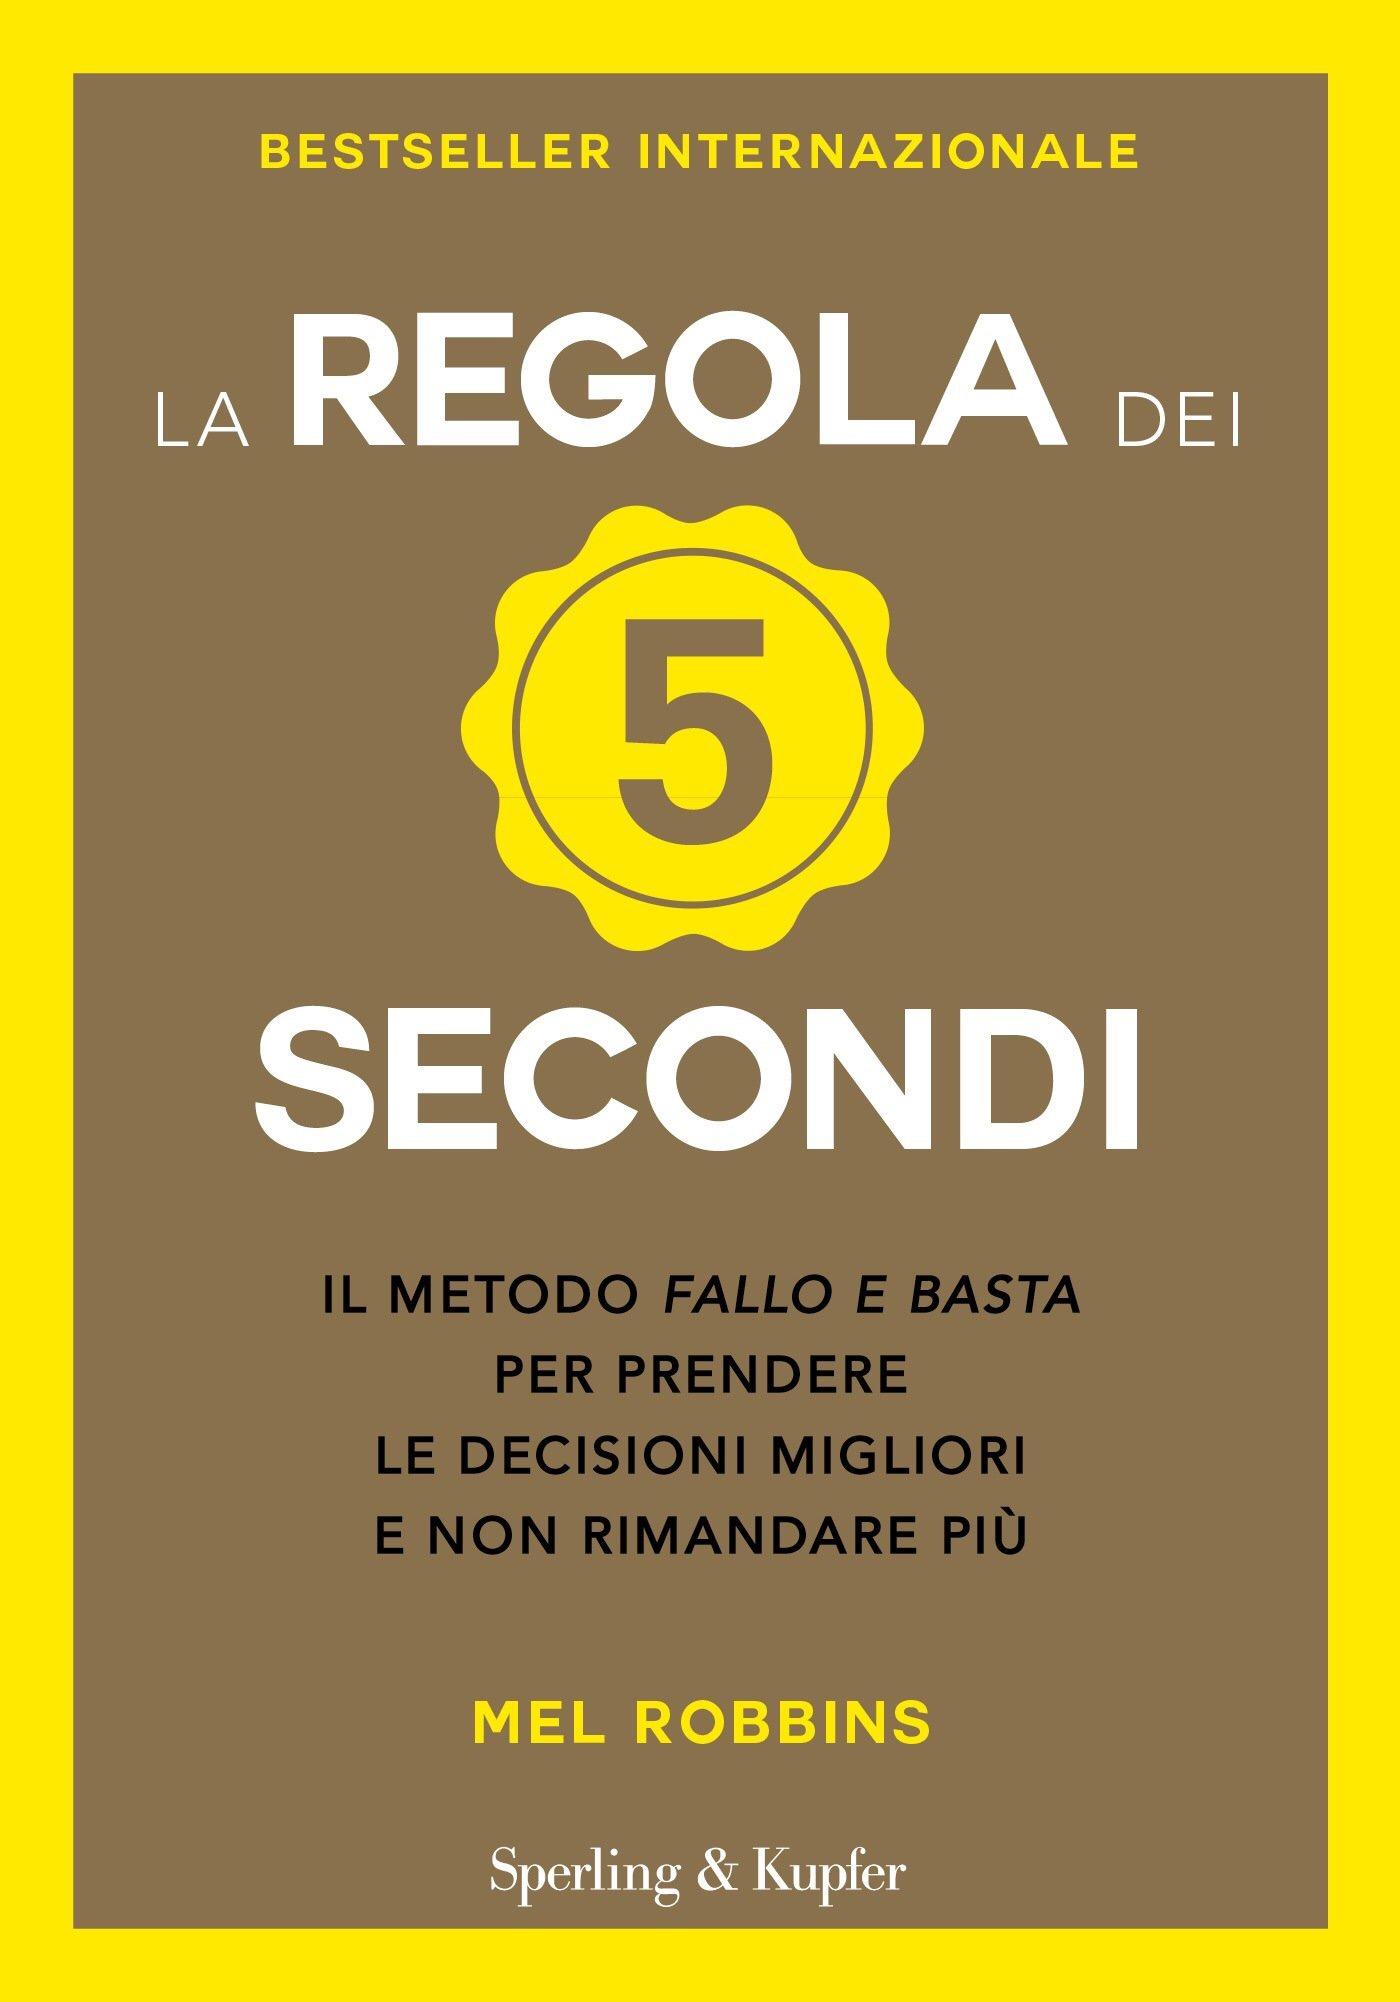 LA REGOLA DEI 5 SECONDI di Mel Robbins, traduzione di Dade Fasic, Sperling & Kupfer